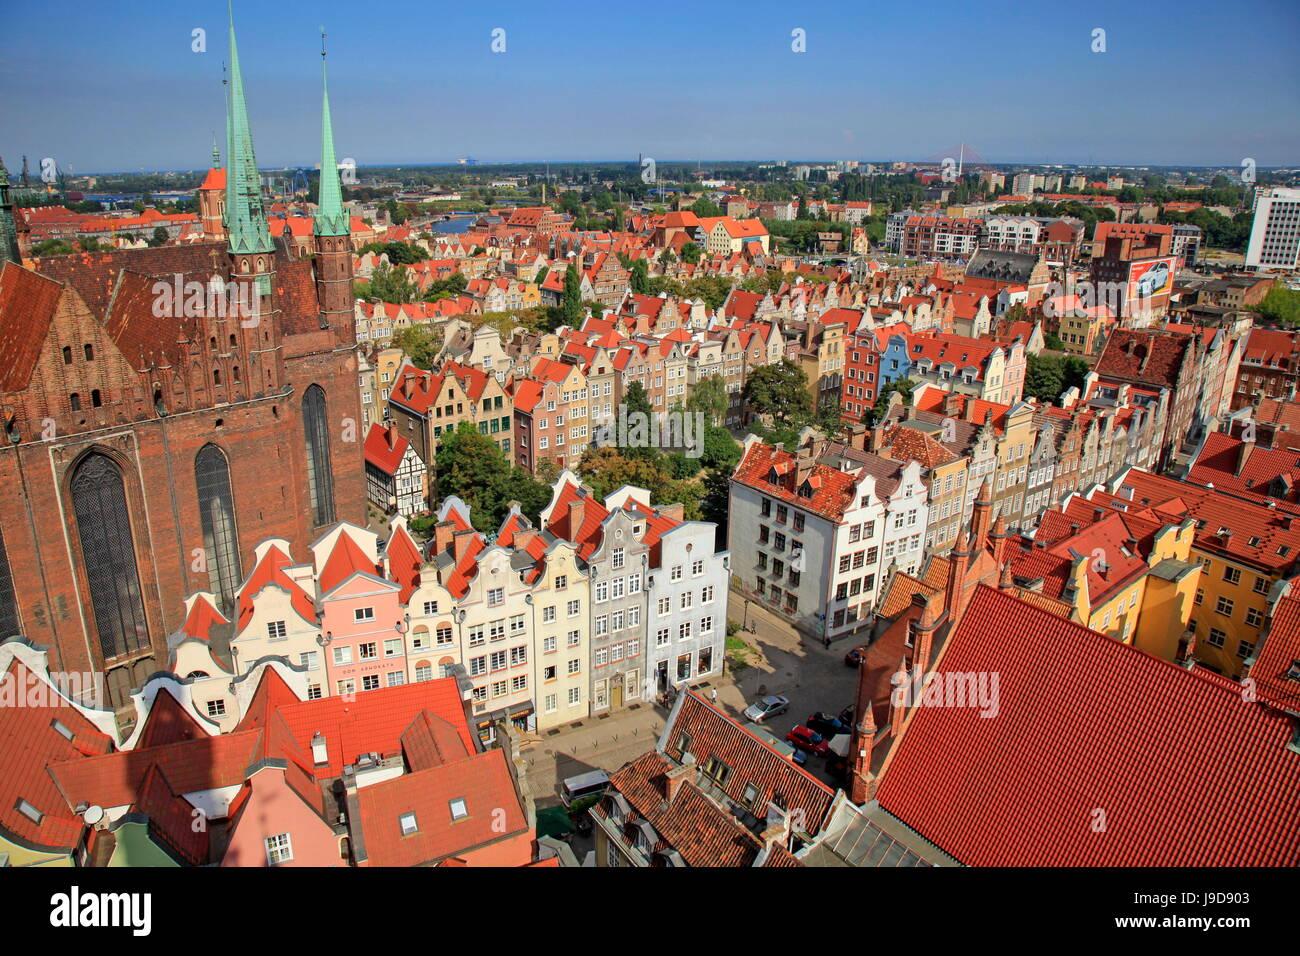 Altstadt mit Marienkirche in Danzig, Danzig, Pommern, Polen, Europa Stockbild